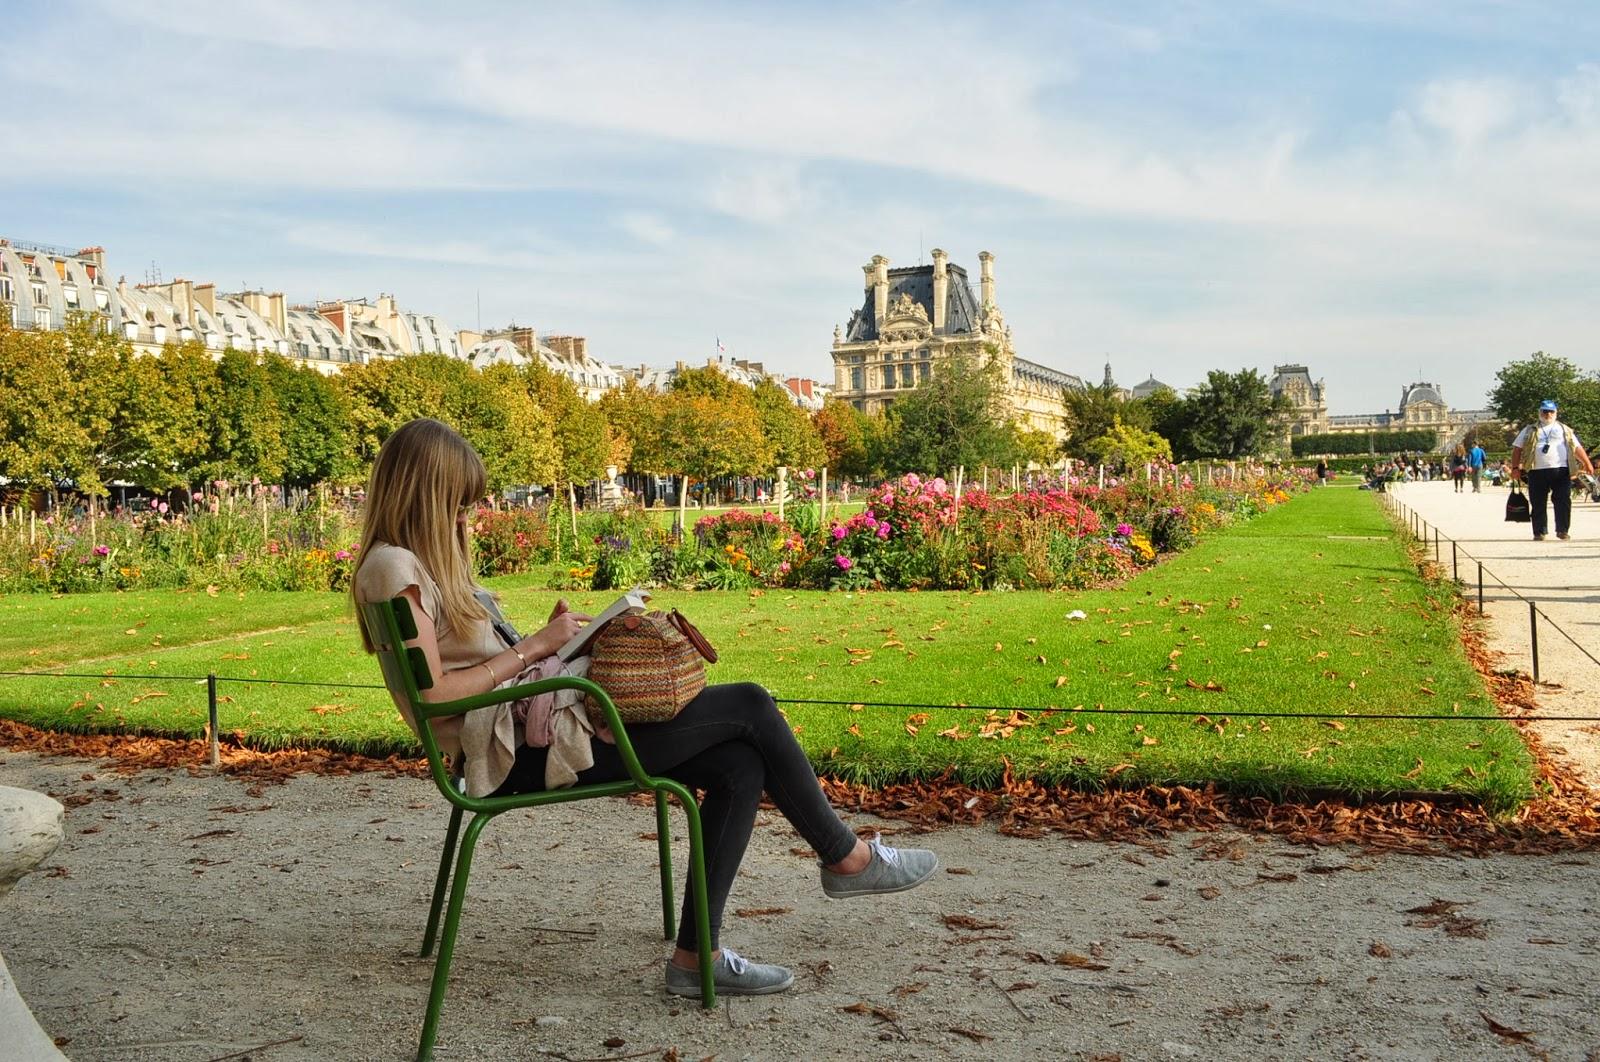 Jardins des Tuileries - най-централният и посещаван парк в Париж, създаден някъде през 16 век.